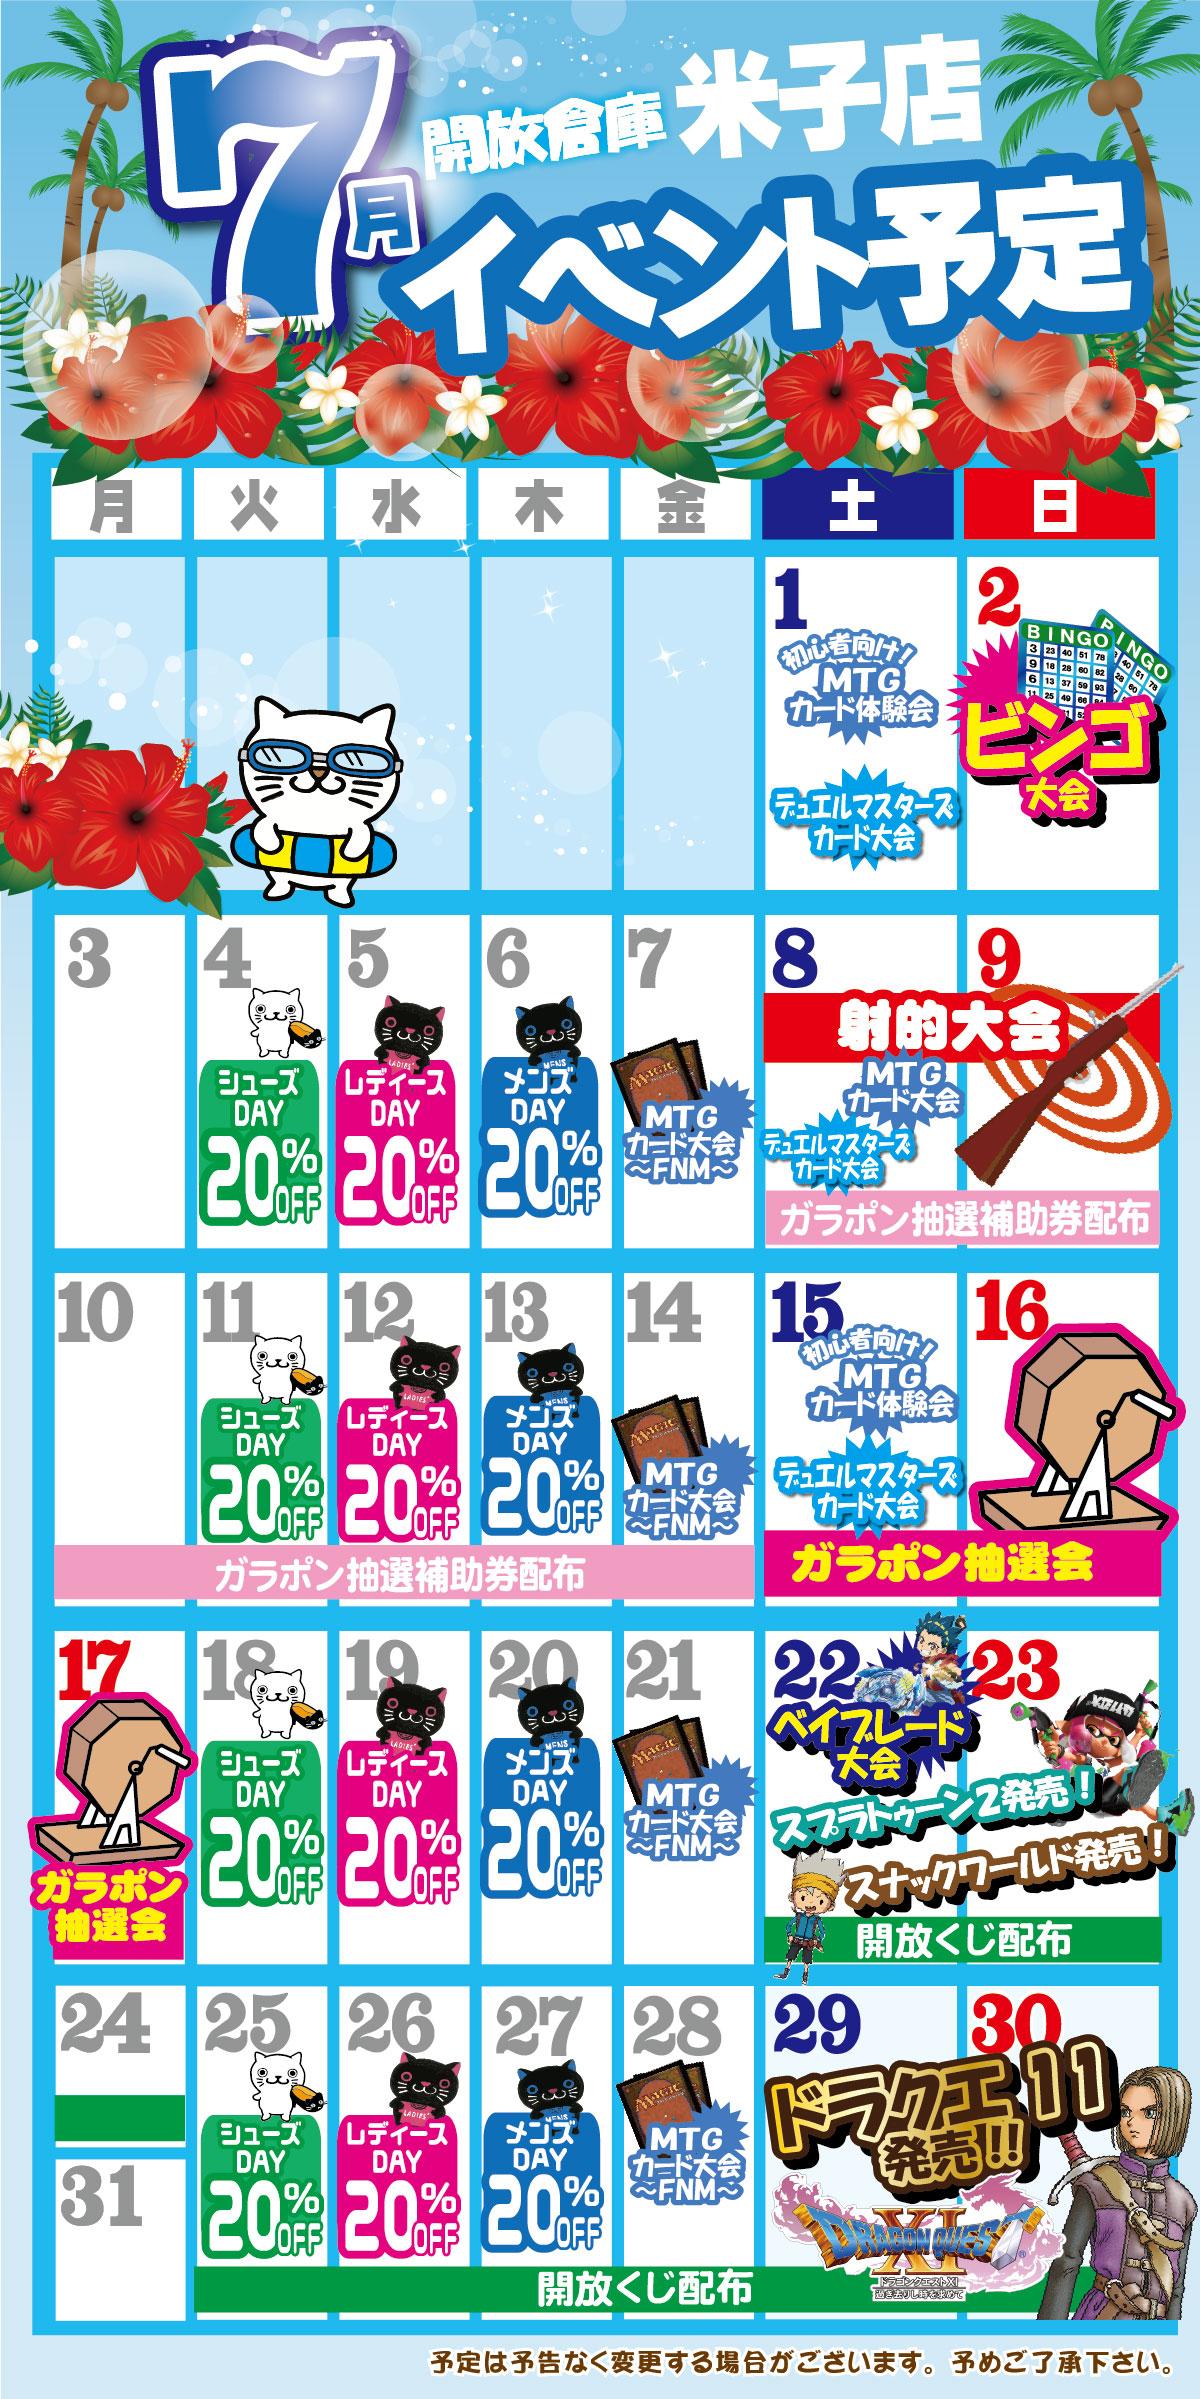 「開放倉庫米子店」2017年7月のイベント情報を更新しました!29日(土)はドラゴンクエスト11発売!!